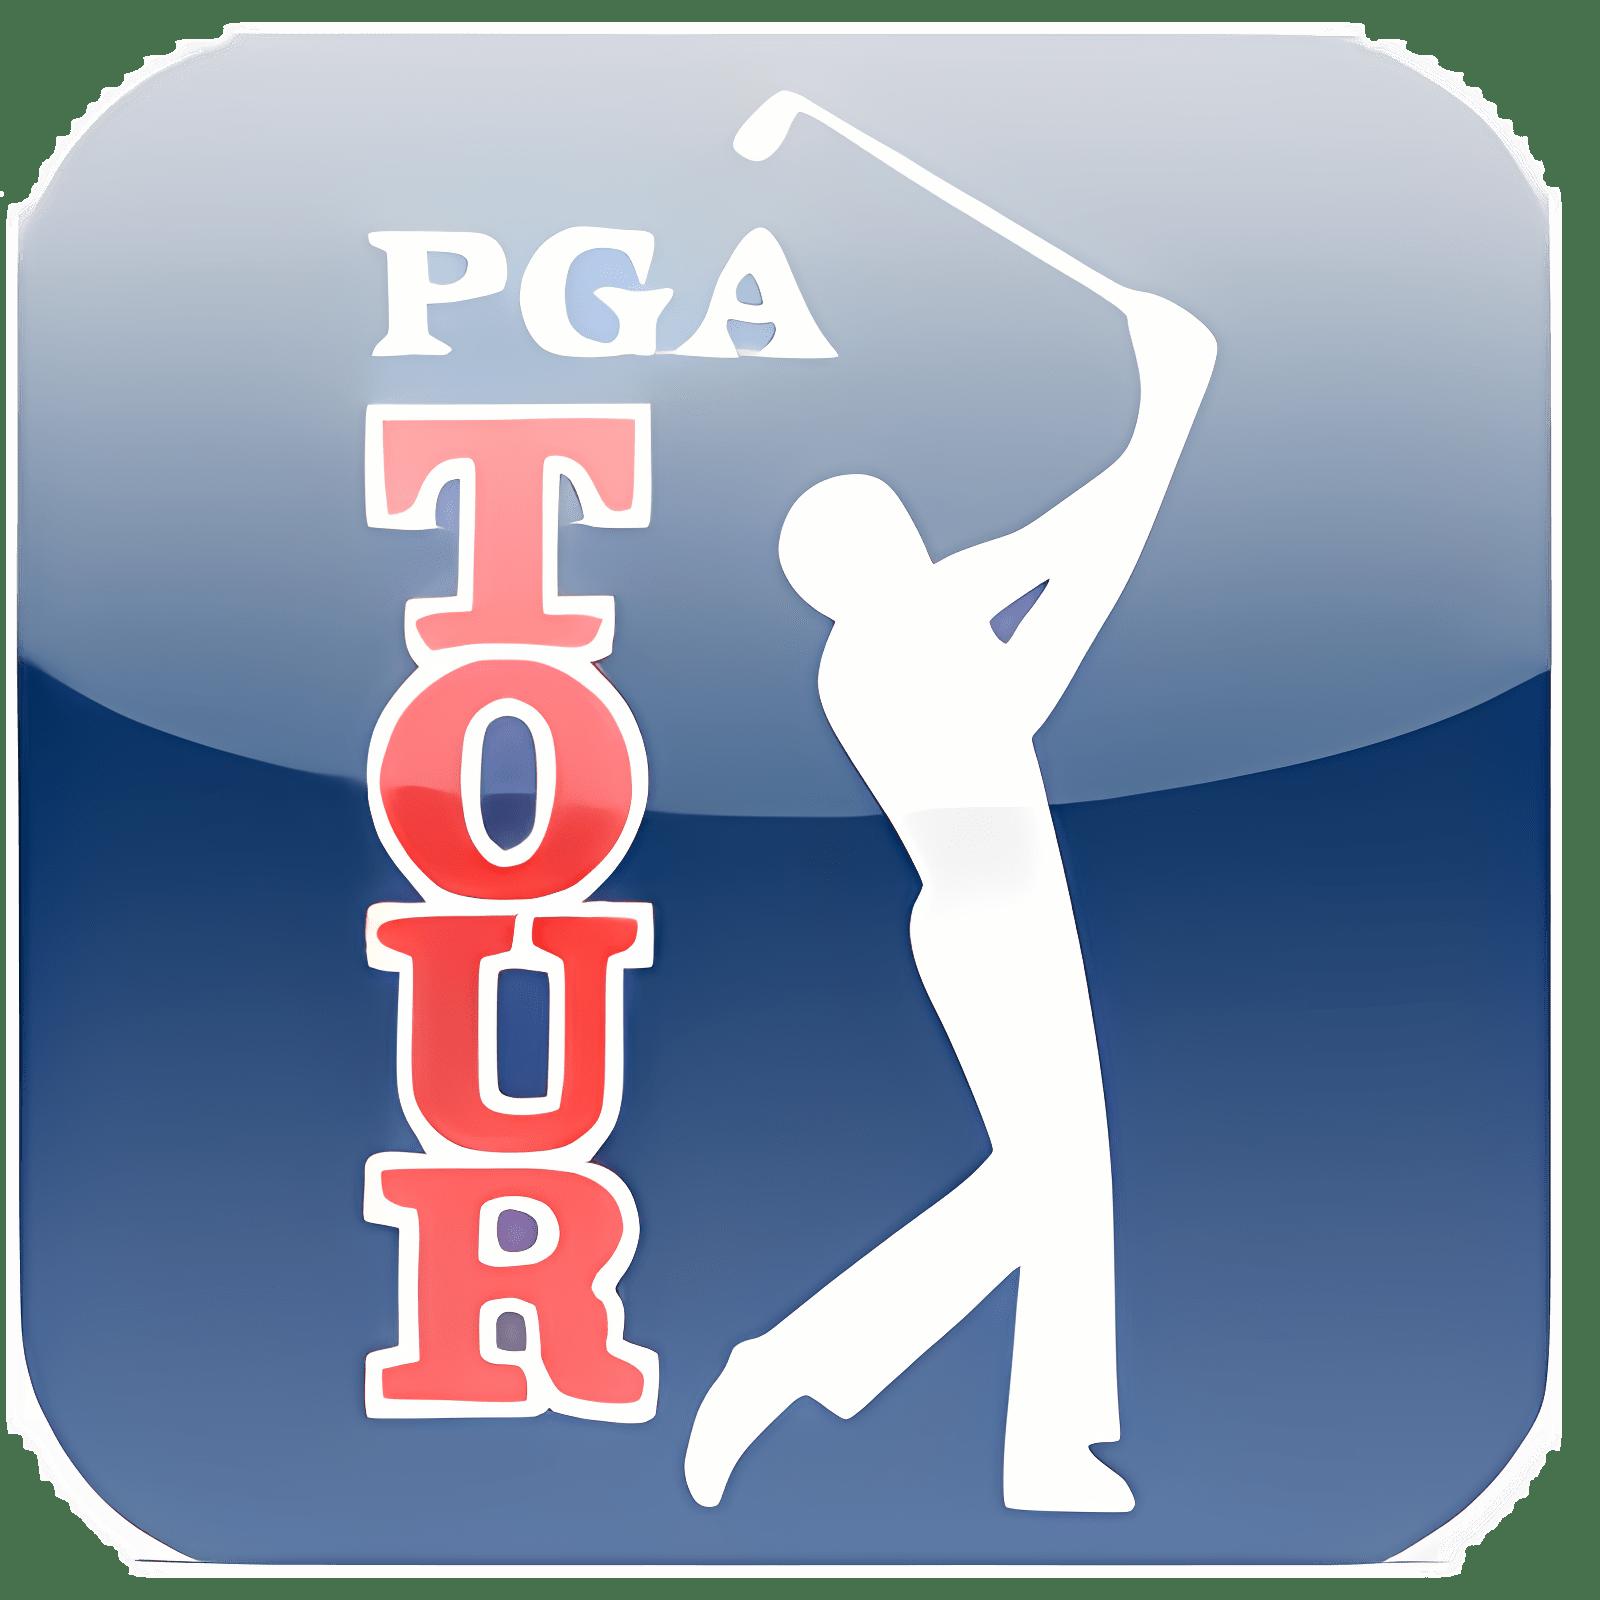 PGA Tour 1.3